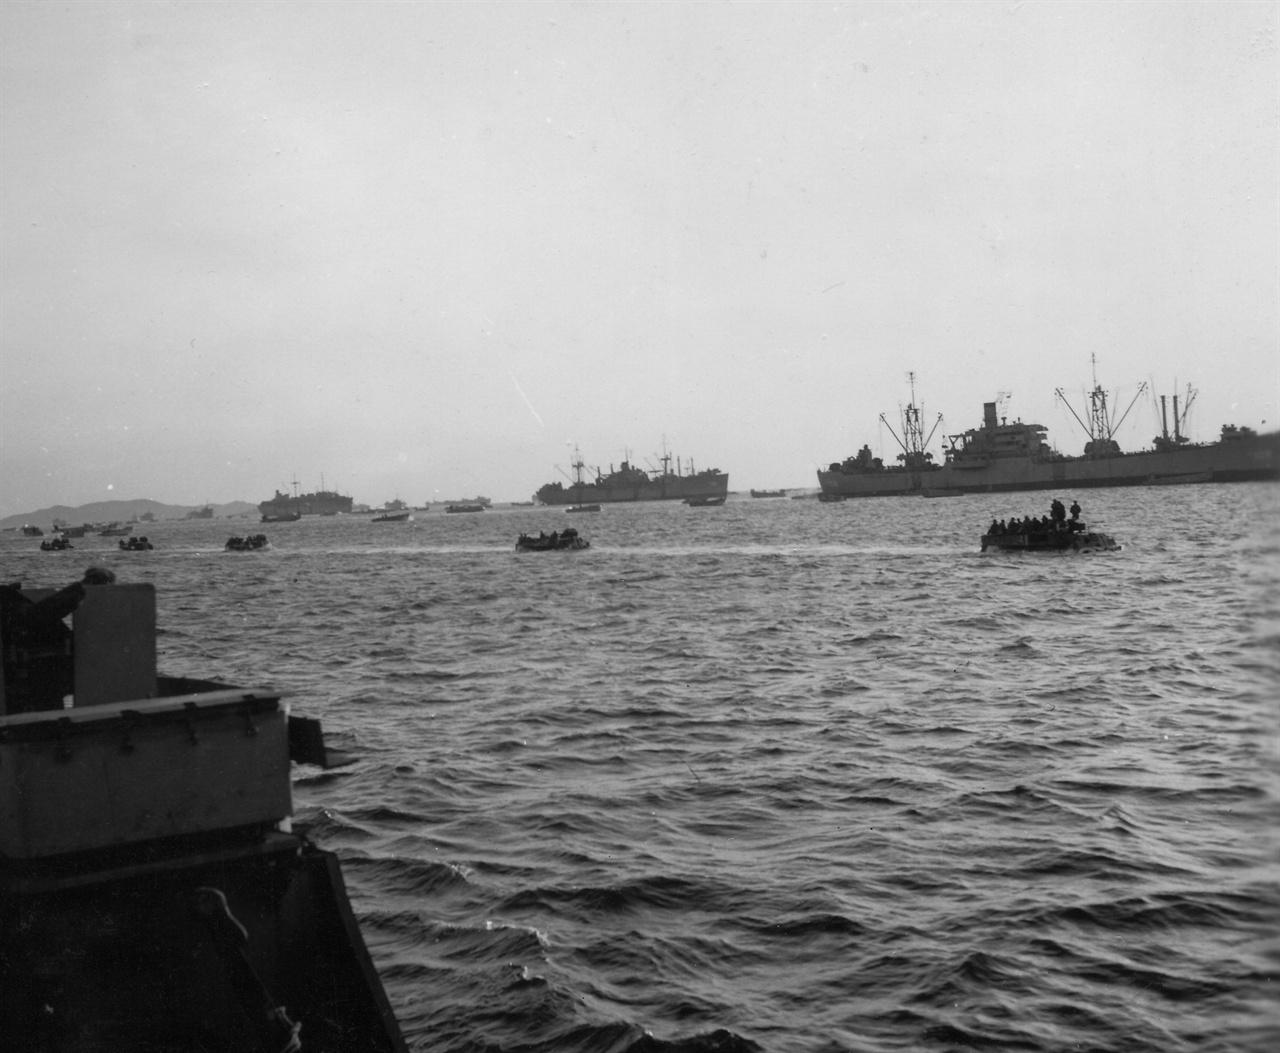 원산 상륙작전에 동원된 함정들(1950. 10. 15.).